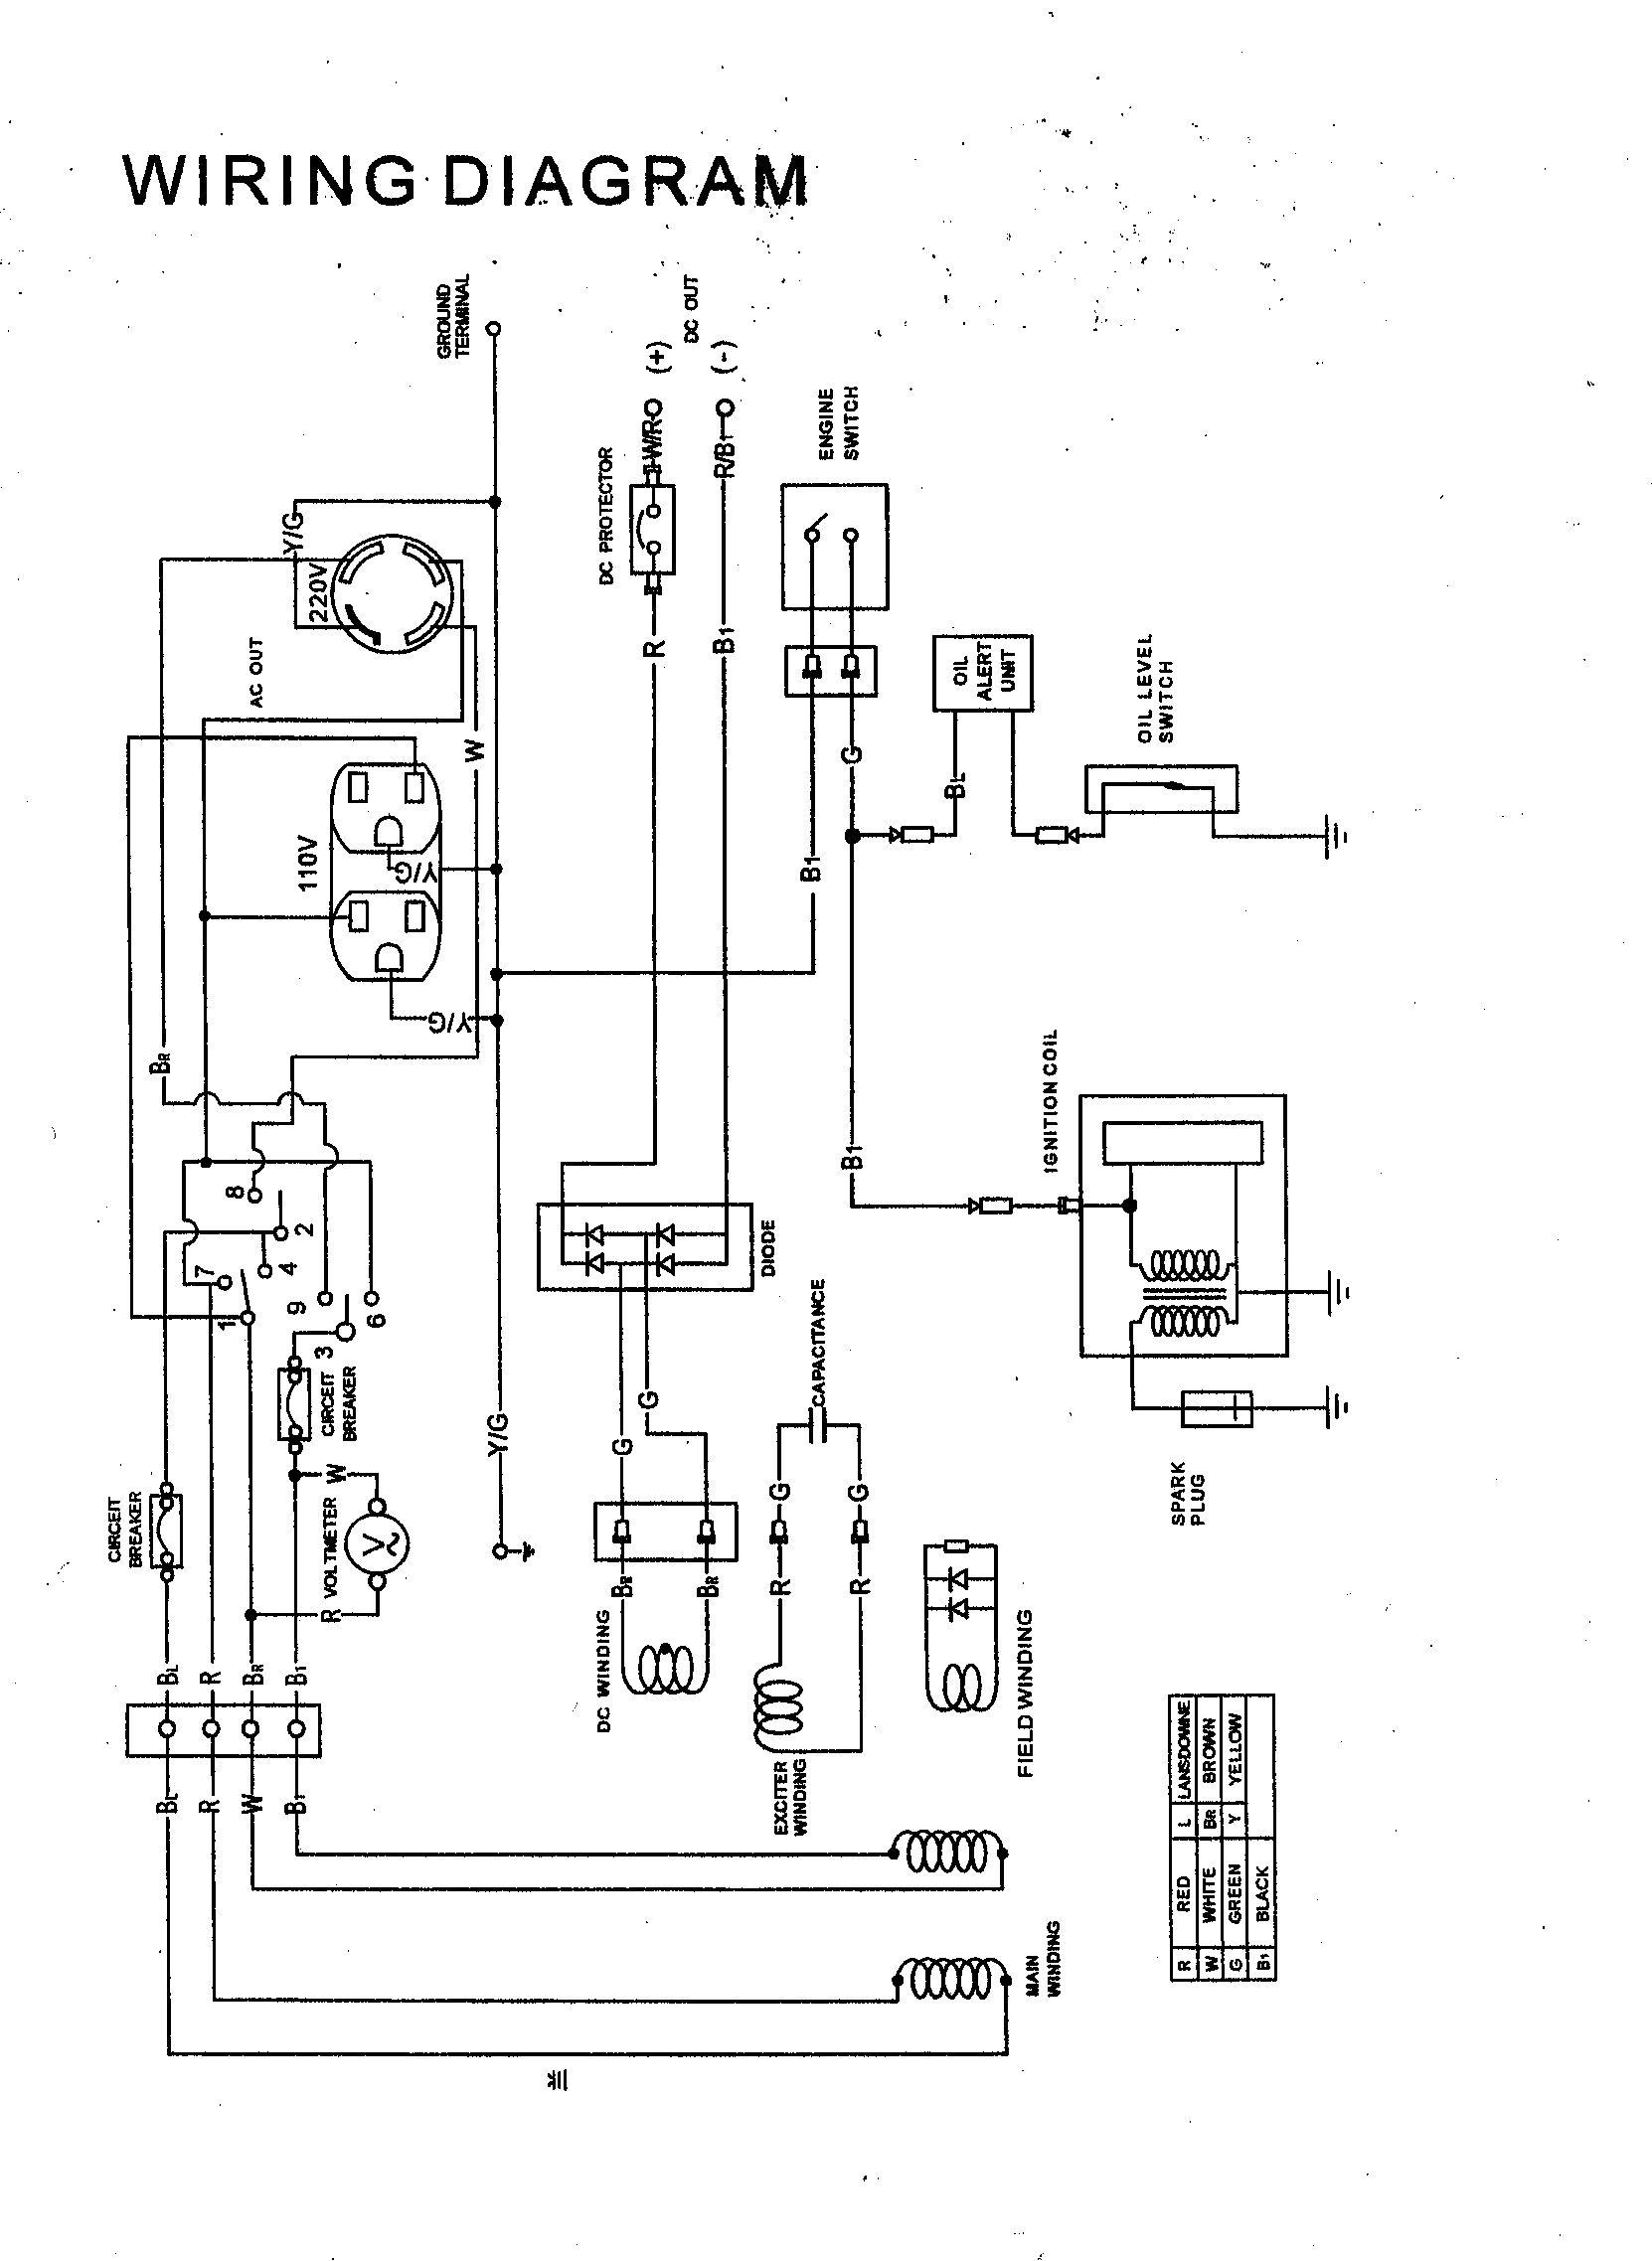 wiring diagram also wiring diagram rj45 wiring diagram cat6 rj45